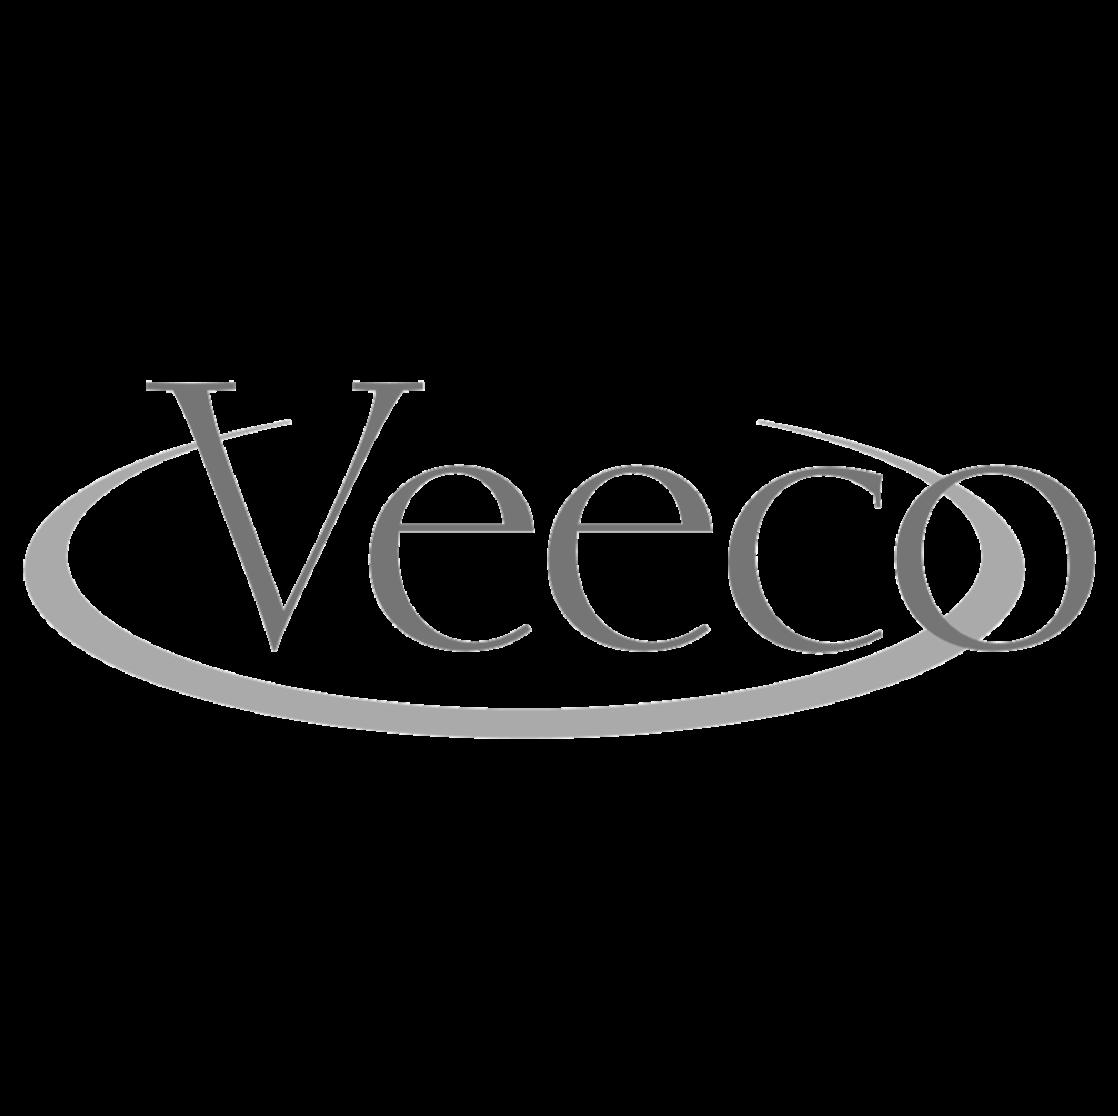 veeco_grey_q